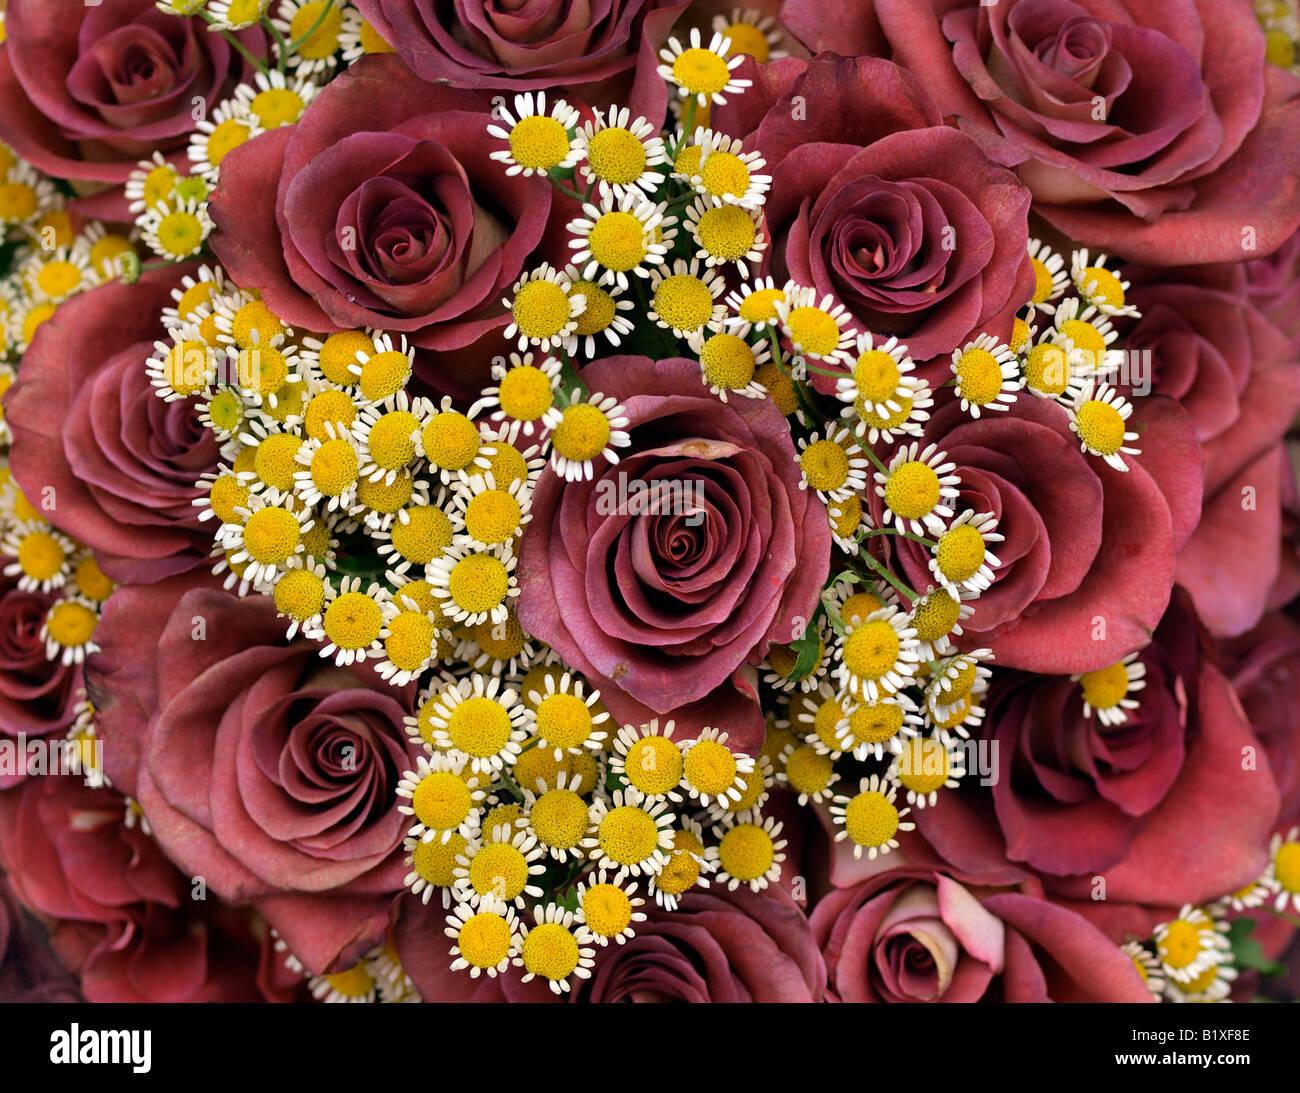 rosen mit kleinen bl ten stockfoto bild 18407774 alamy. Black Bedroom Furniture Sets. Home Design Ideas